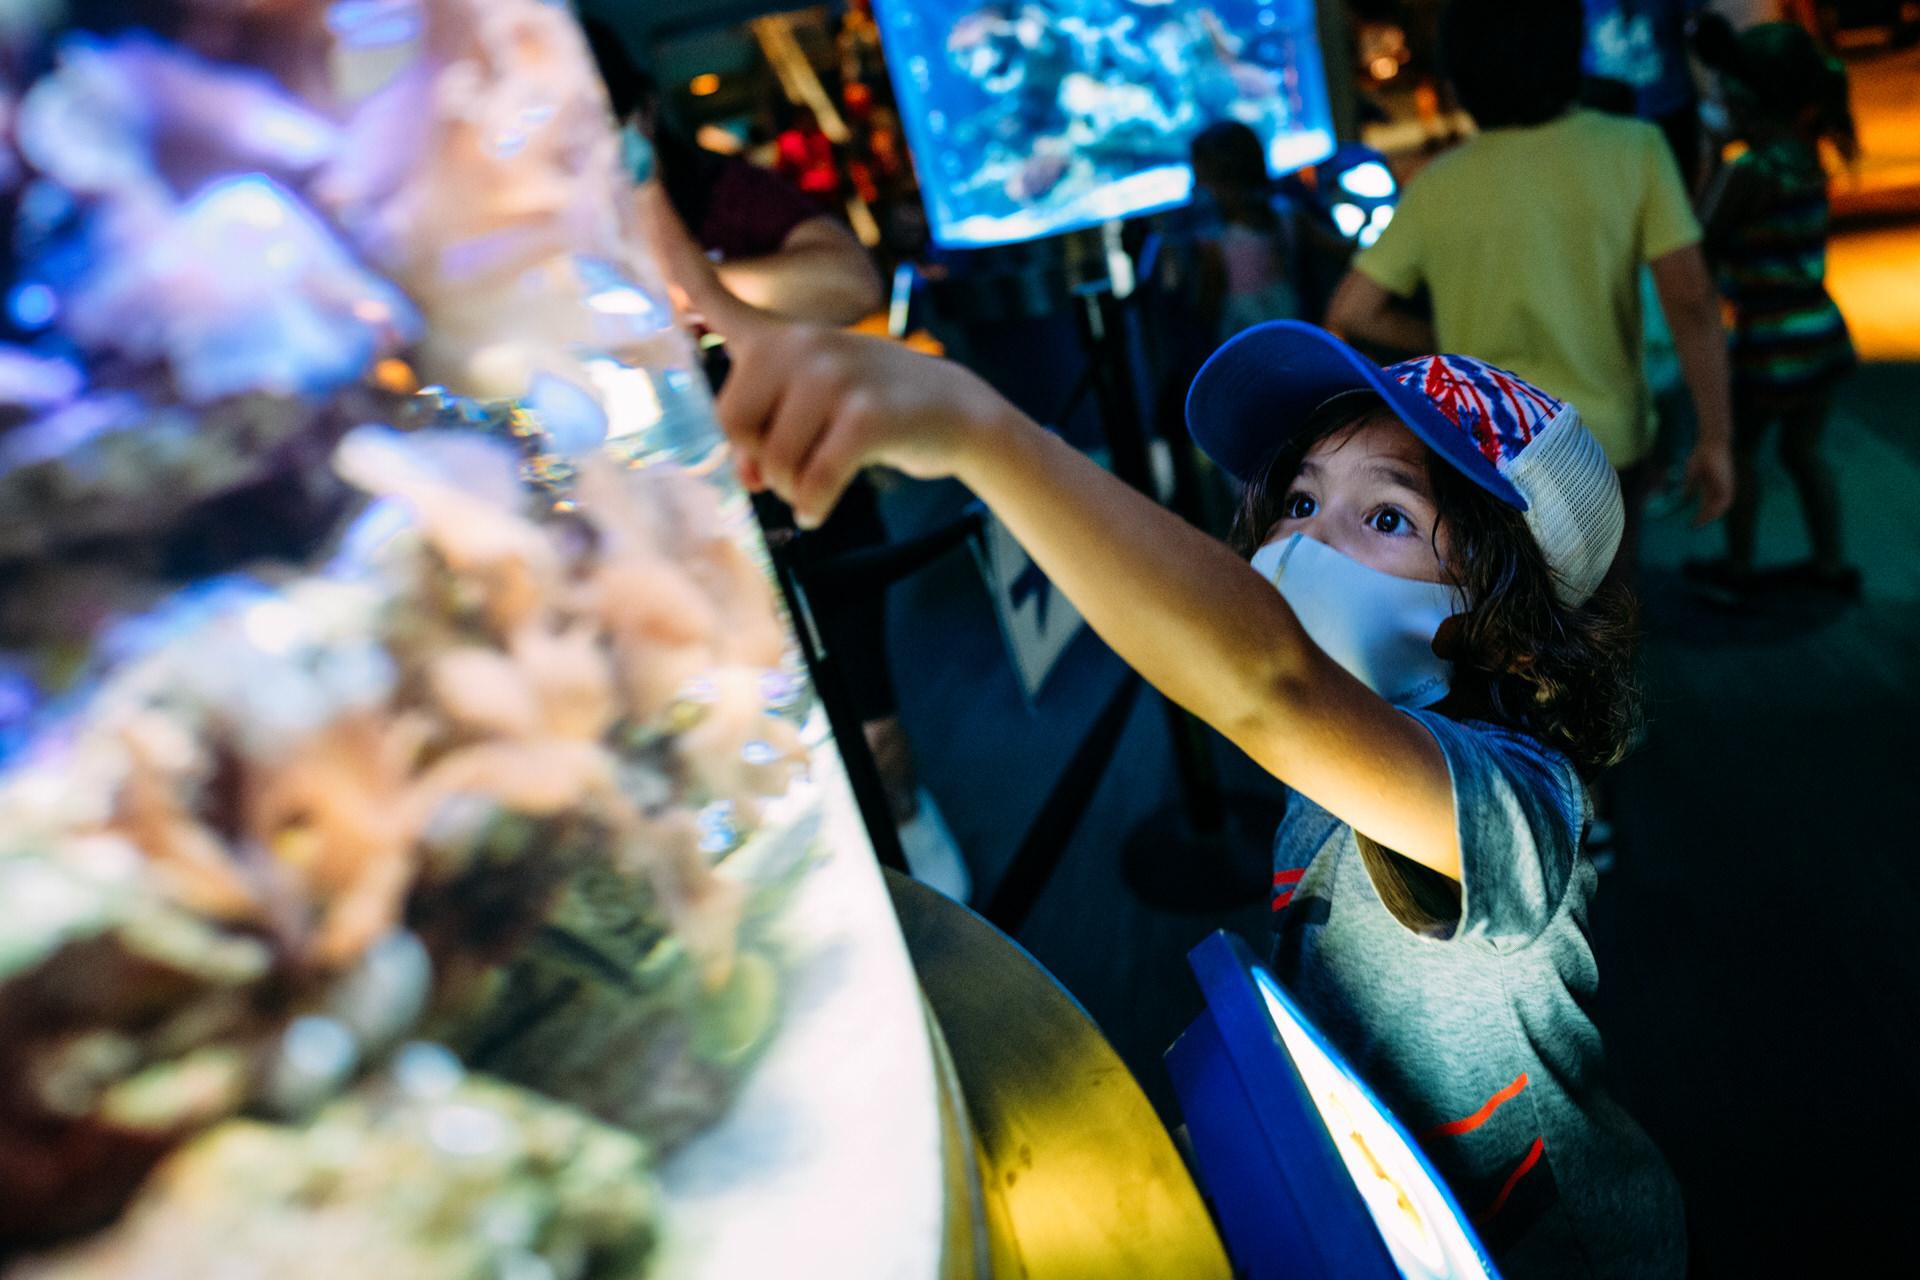 boy enjoys aquarium whiling wearing mandatory mask